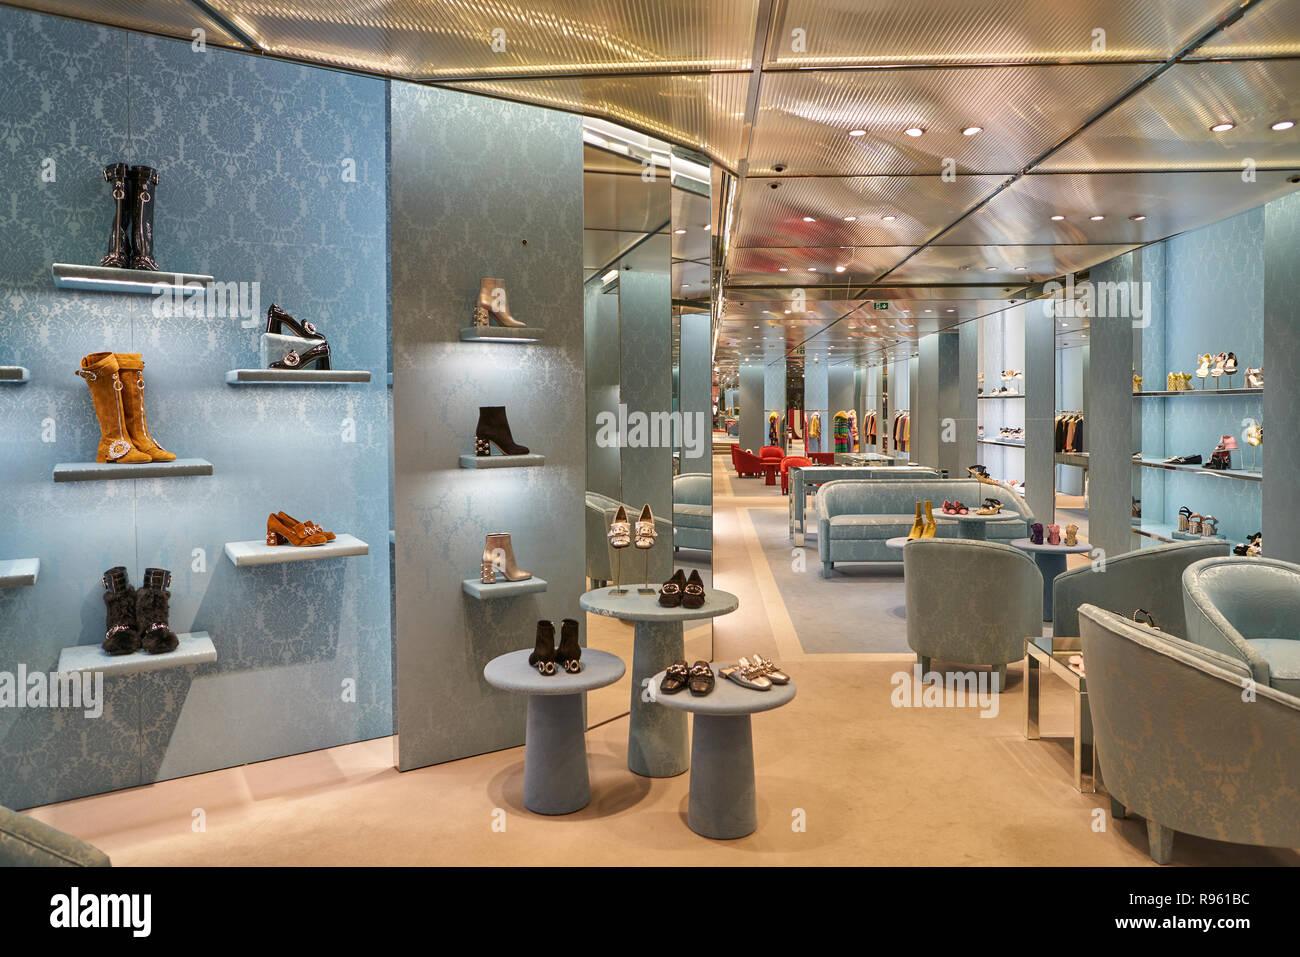 4cad072c42e9 Miu Miu Shoes Stock Photos   Miu Miu Shoes Stock Images - Alamy